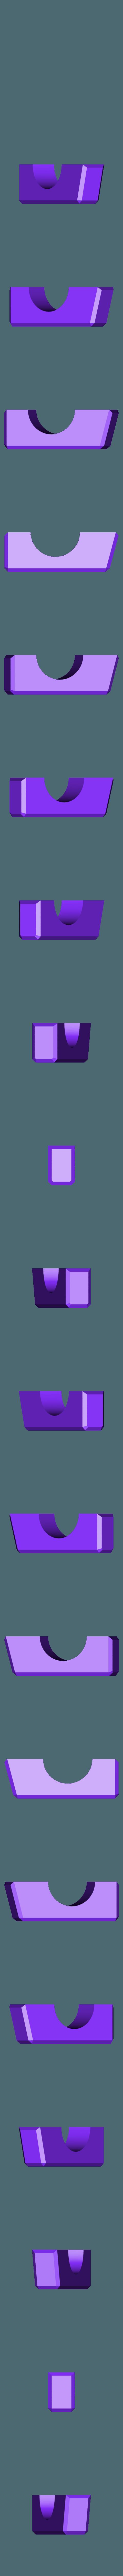 Pelvis-Blue.stl Télécharger fichier STL gratuit Big Optimus Prime! - Modèle multi-matériaux • Plan pour imprimante 3D, ChaosCoreTech